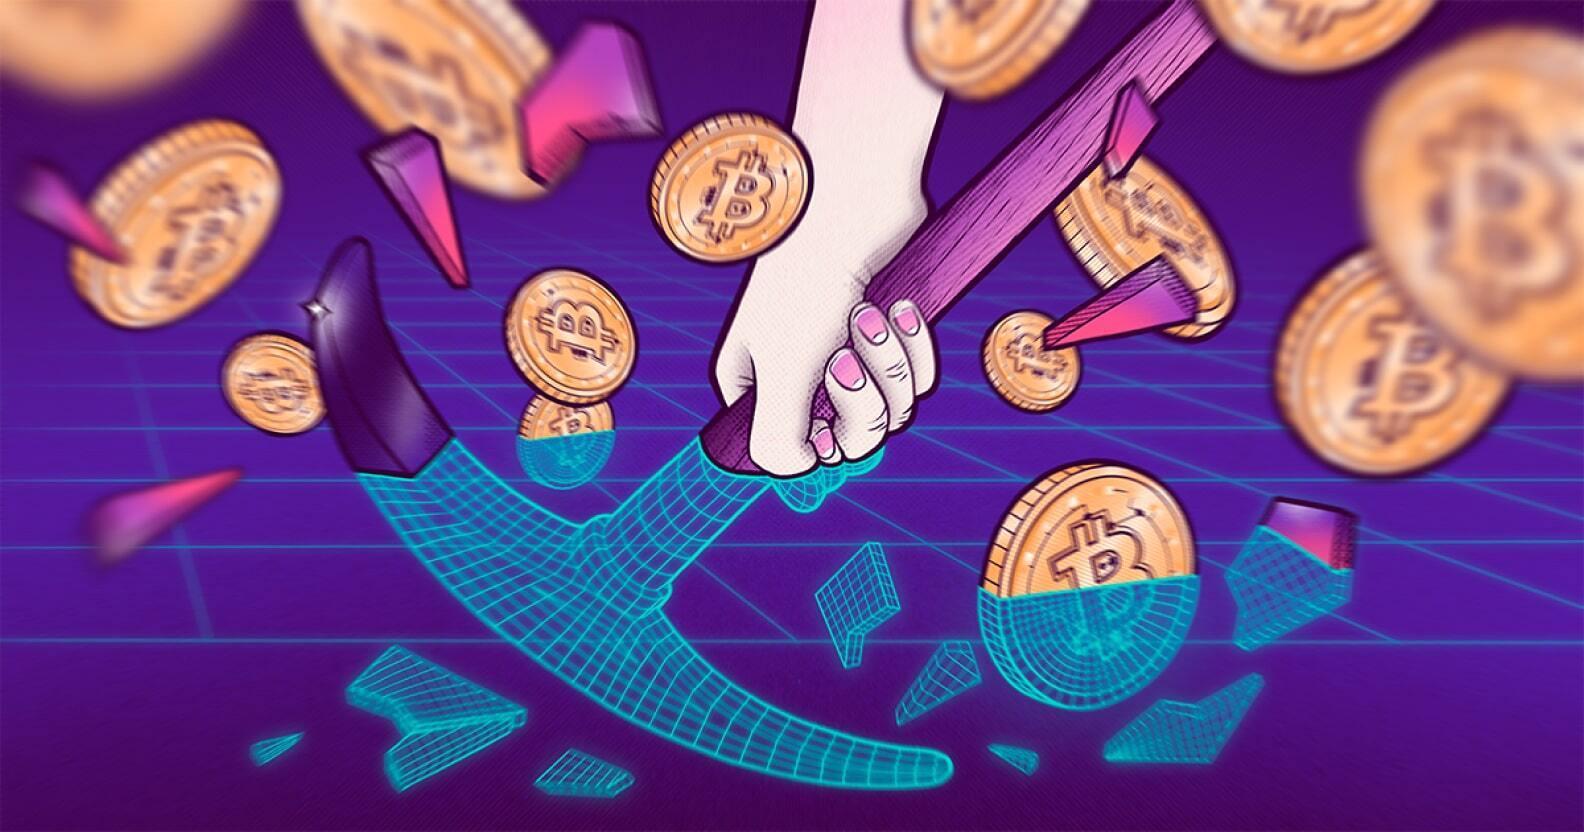 China's crushing crypto